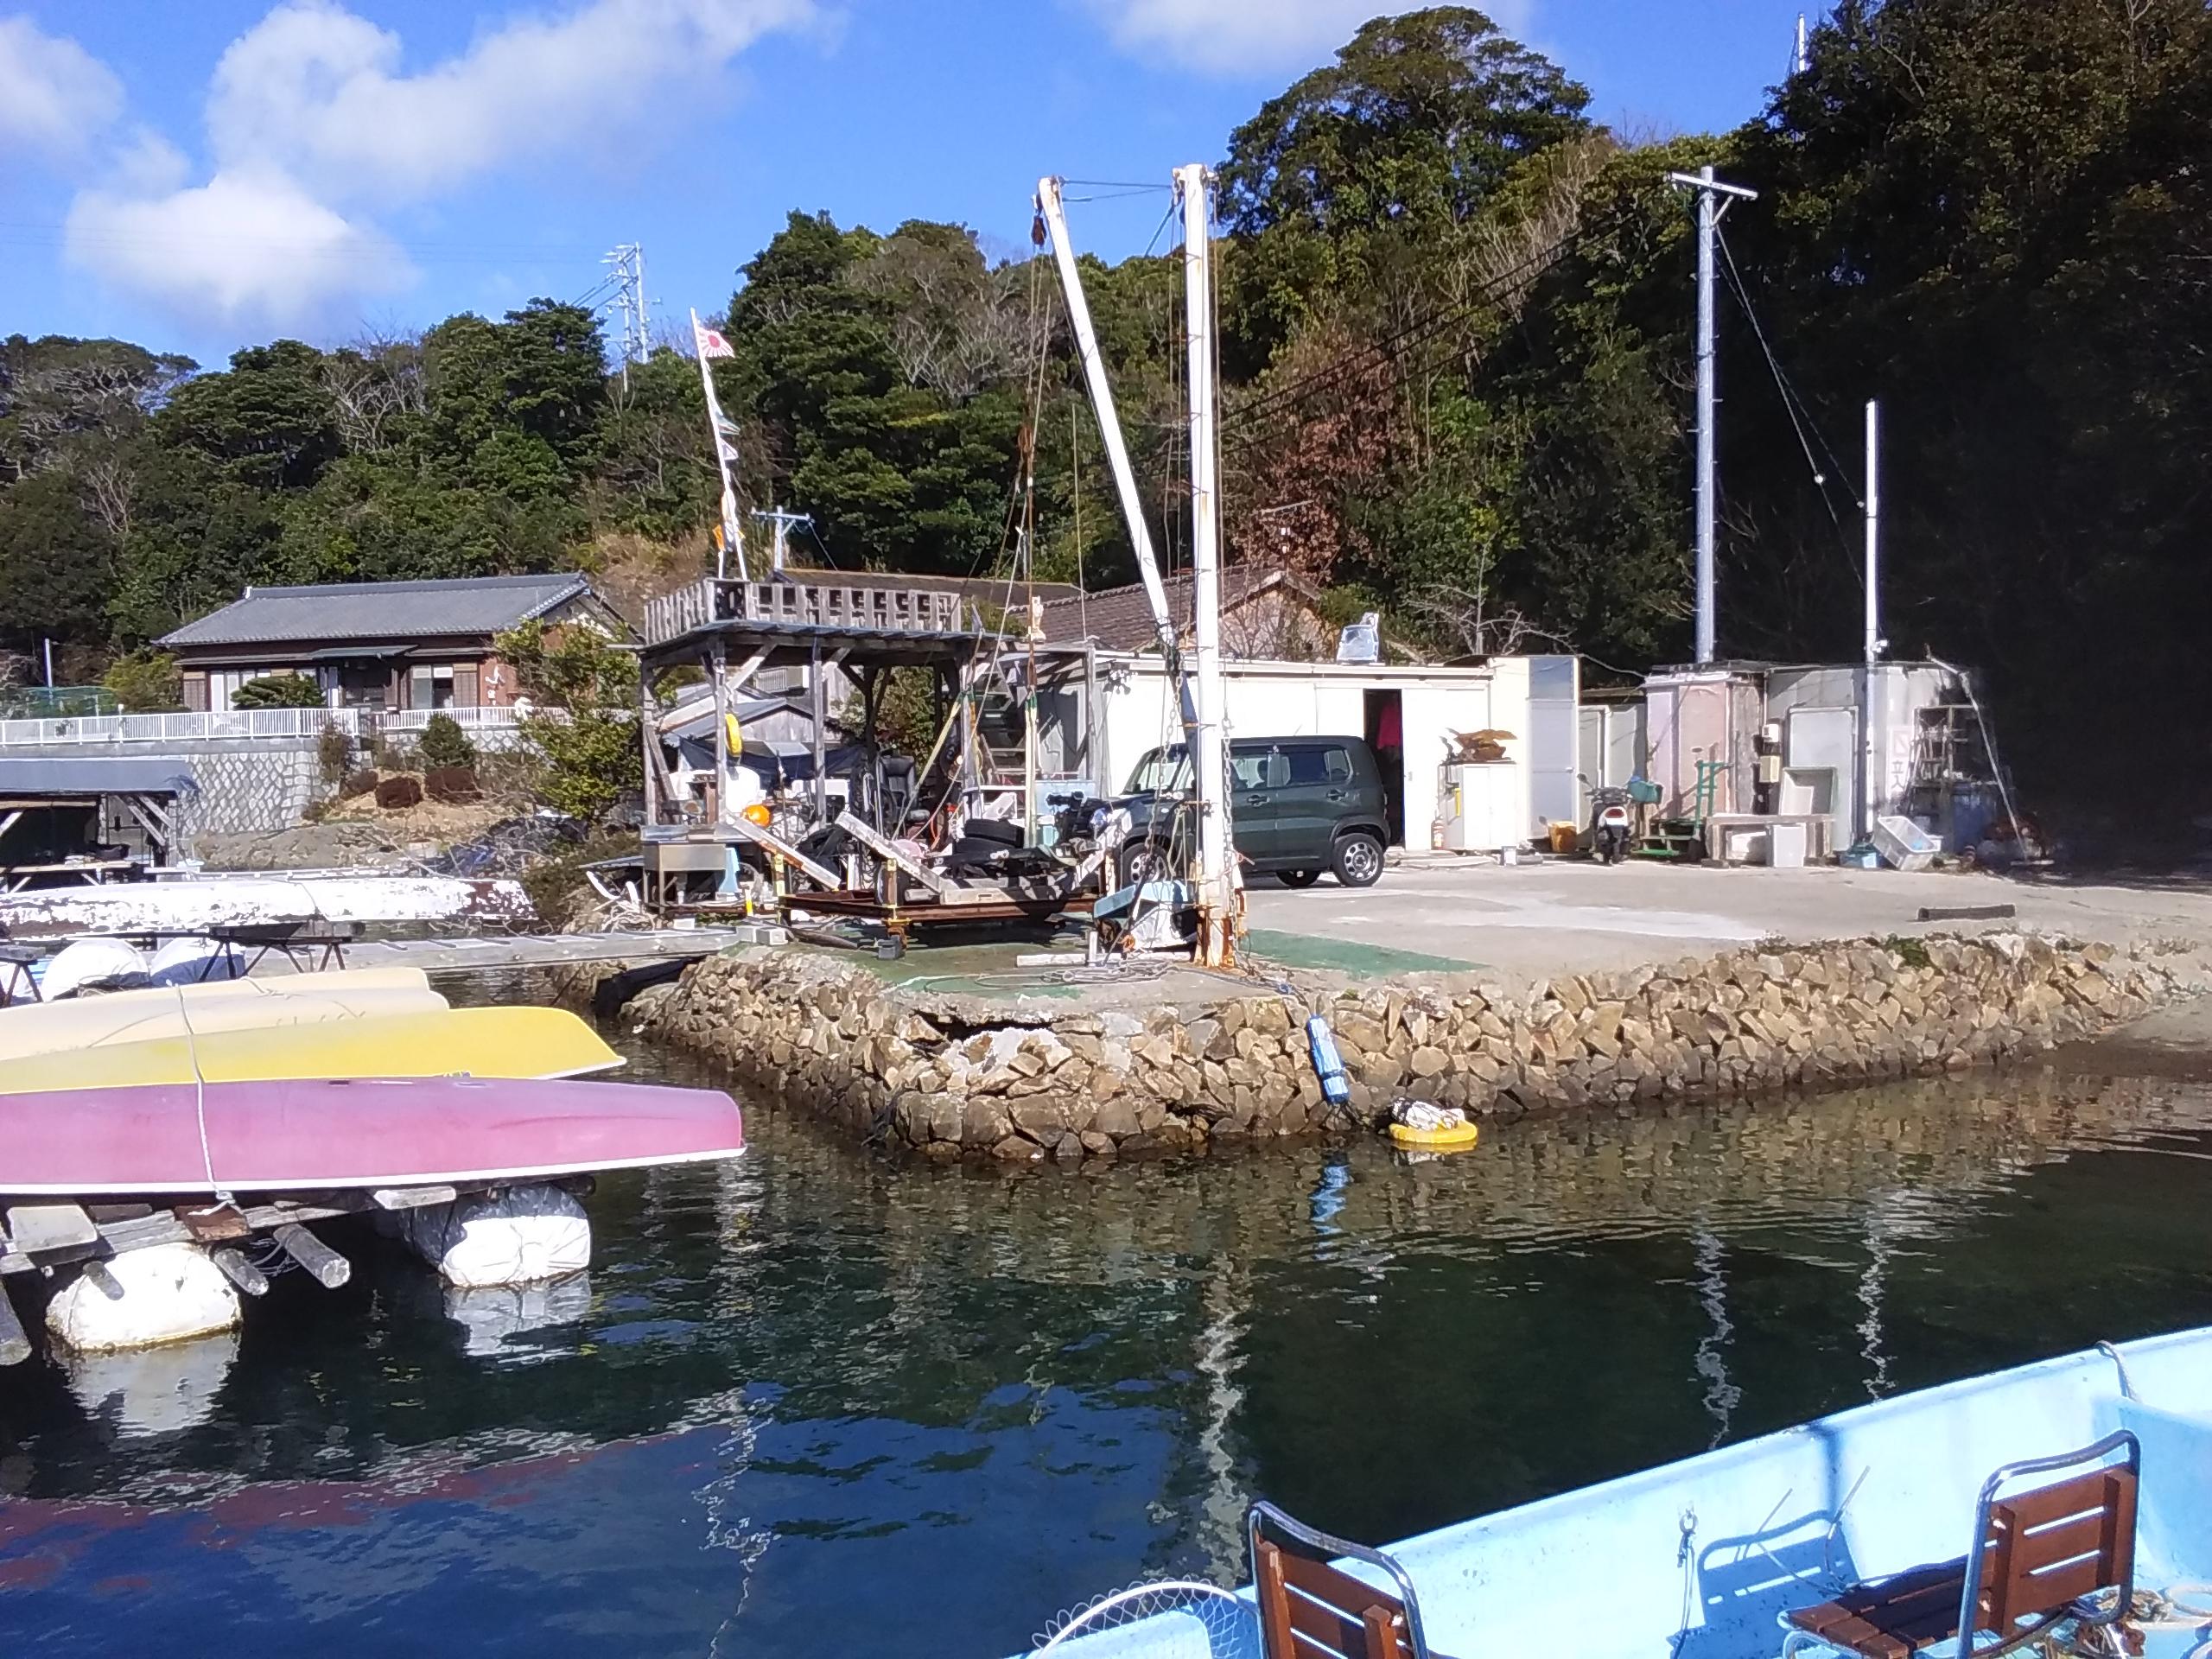 海のレジャー拠点に最適です。野村マリーナ会員であればボートレンタル出来ます。